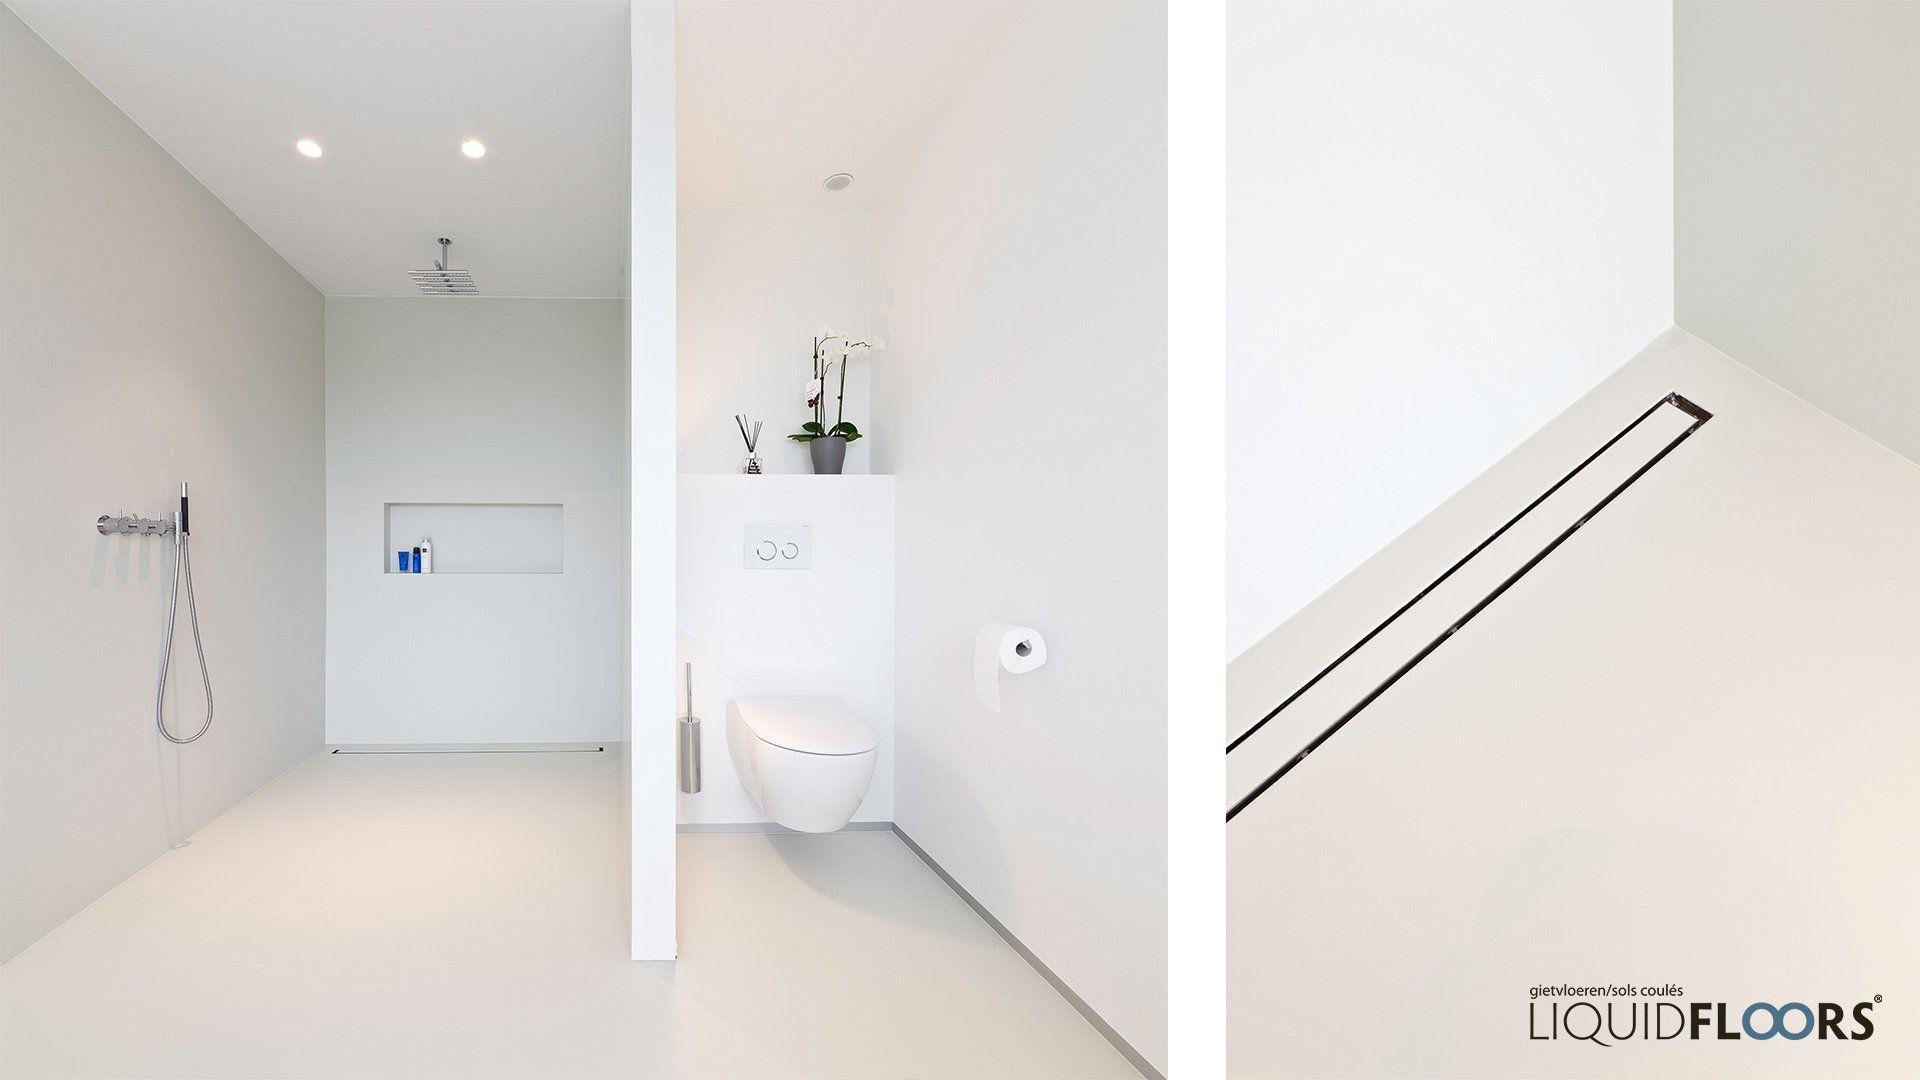 inloopdouche badkamer liquidfloors gietvloeren home bathroom